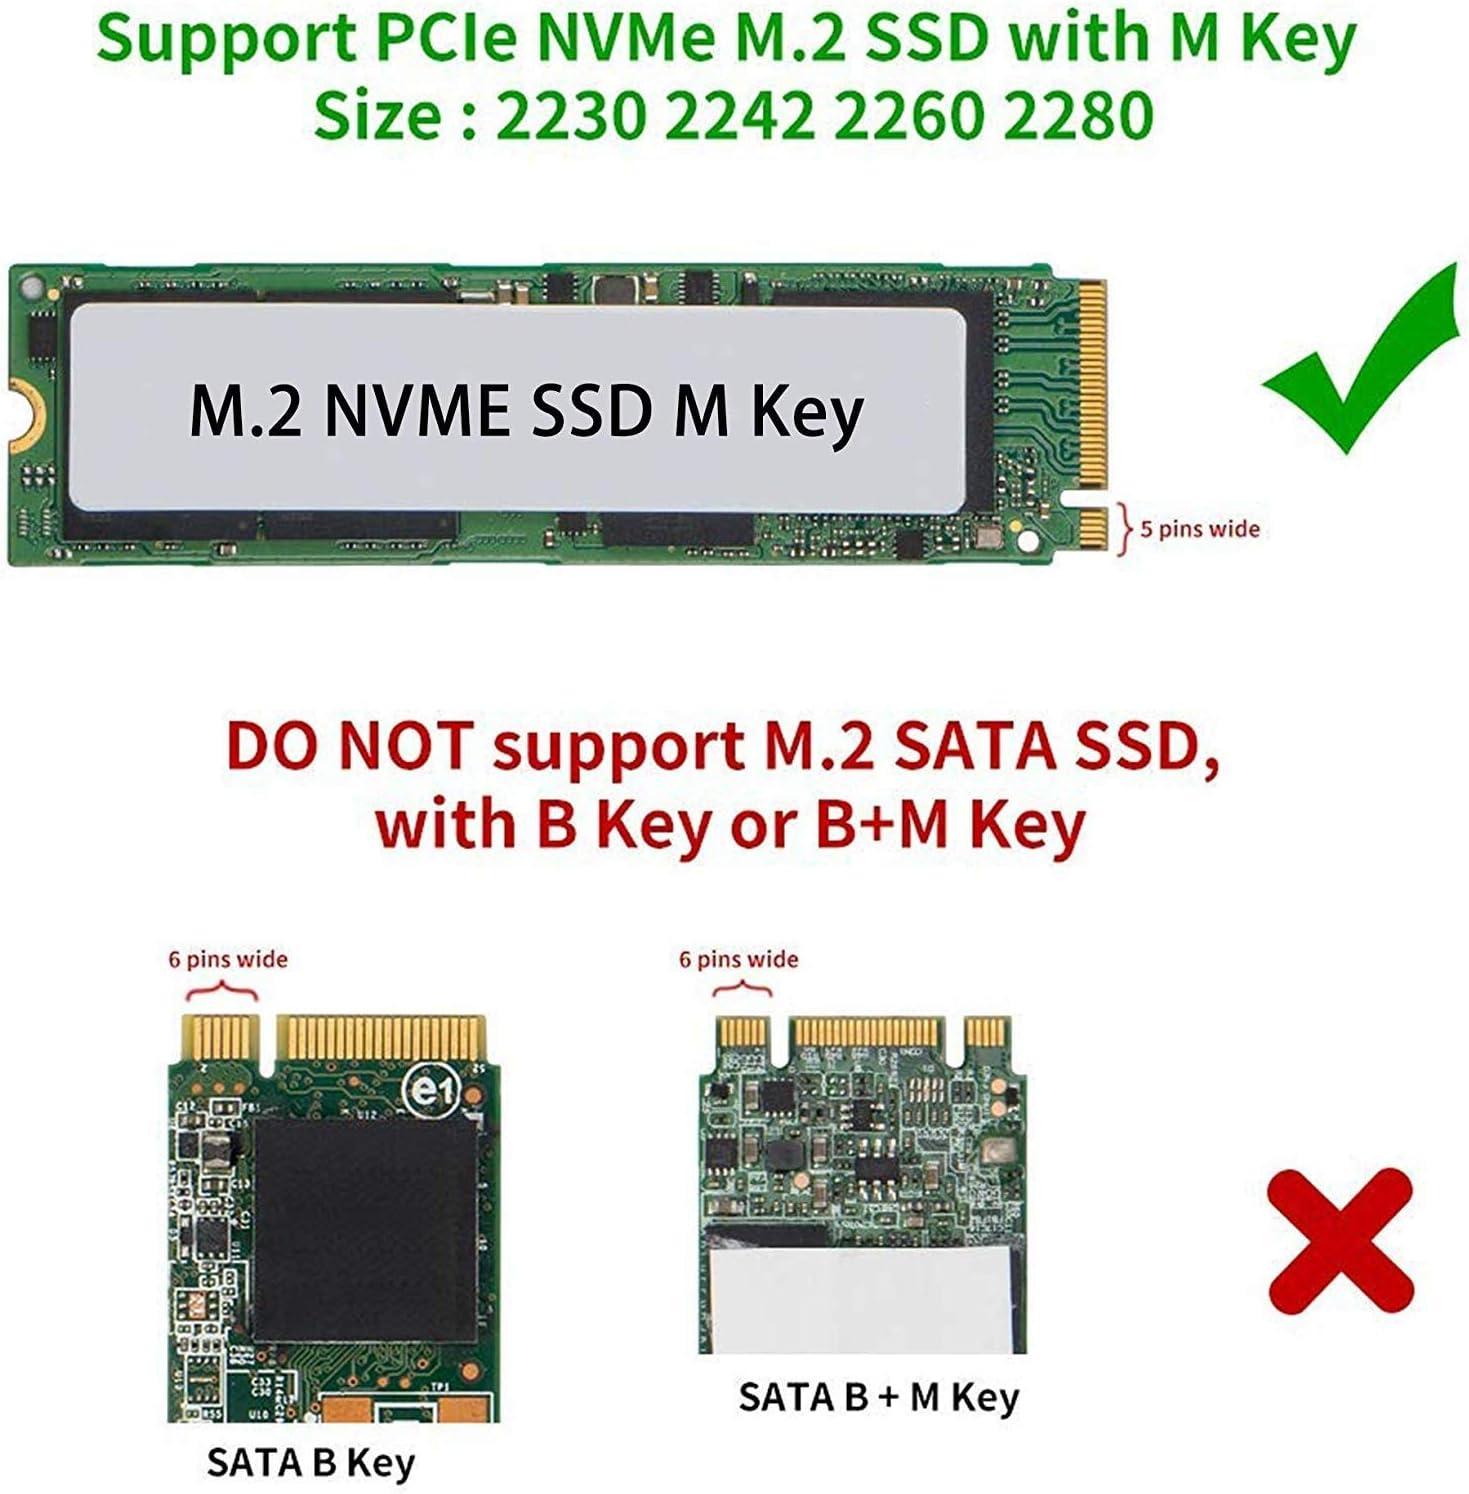 QNINE Bo/îtier NVME pour puce pont PCIe Gen 3 x2 10 Gbps fourni avec 2 c/âbles USB bas/é sur JMS583 USB 3.1 Gen 2 bo/îtiers M.2 Adaptateur SSD vers USB 3.1 nvme pcie avec bo/îtier